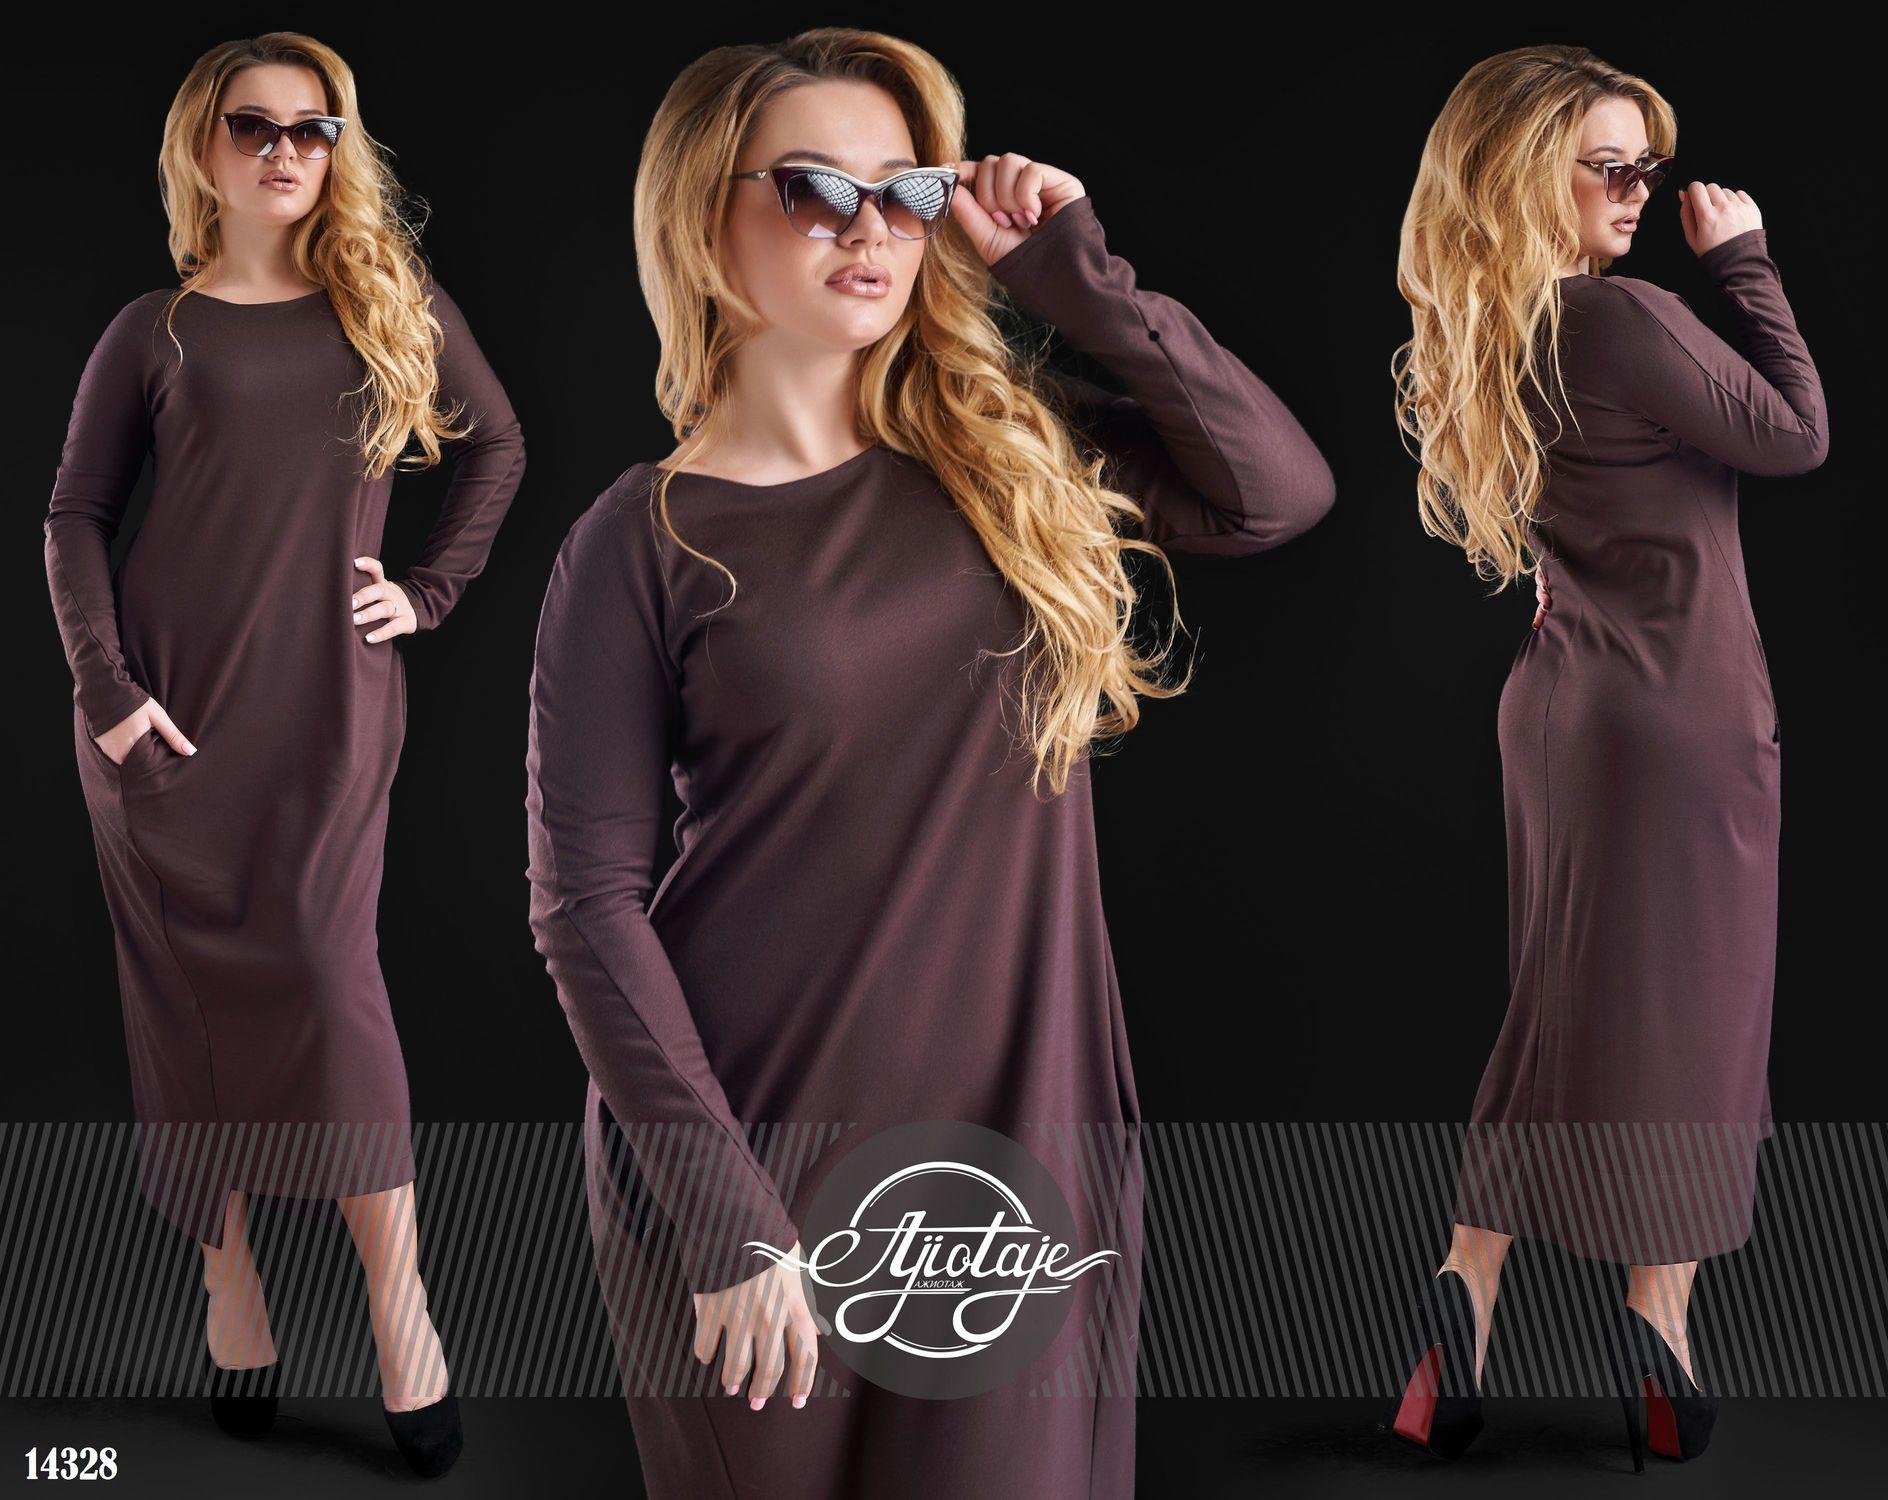 e167a9219f8d Платье - 14328 (шоколад) - Товары - Заказать вещи через интернет ...